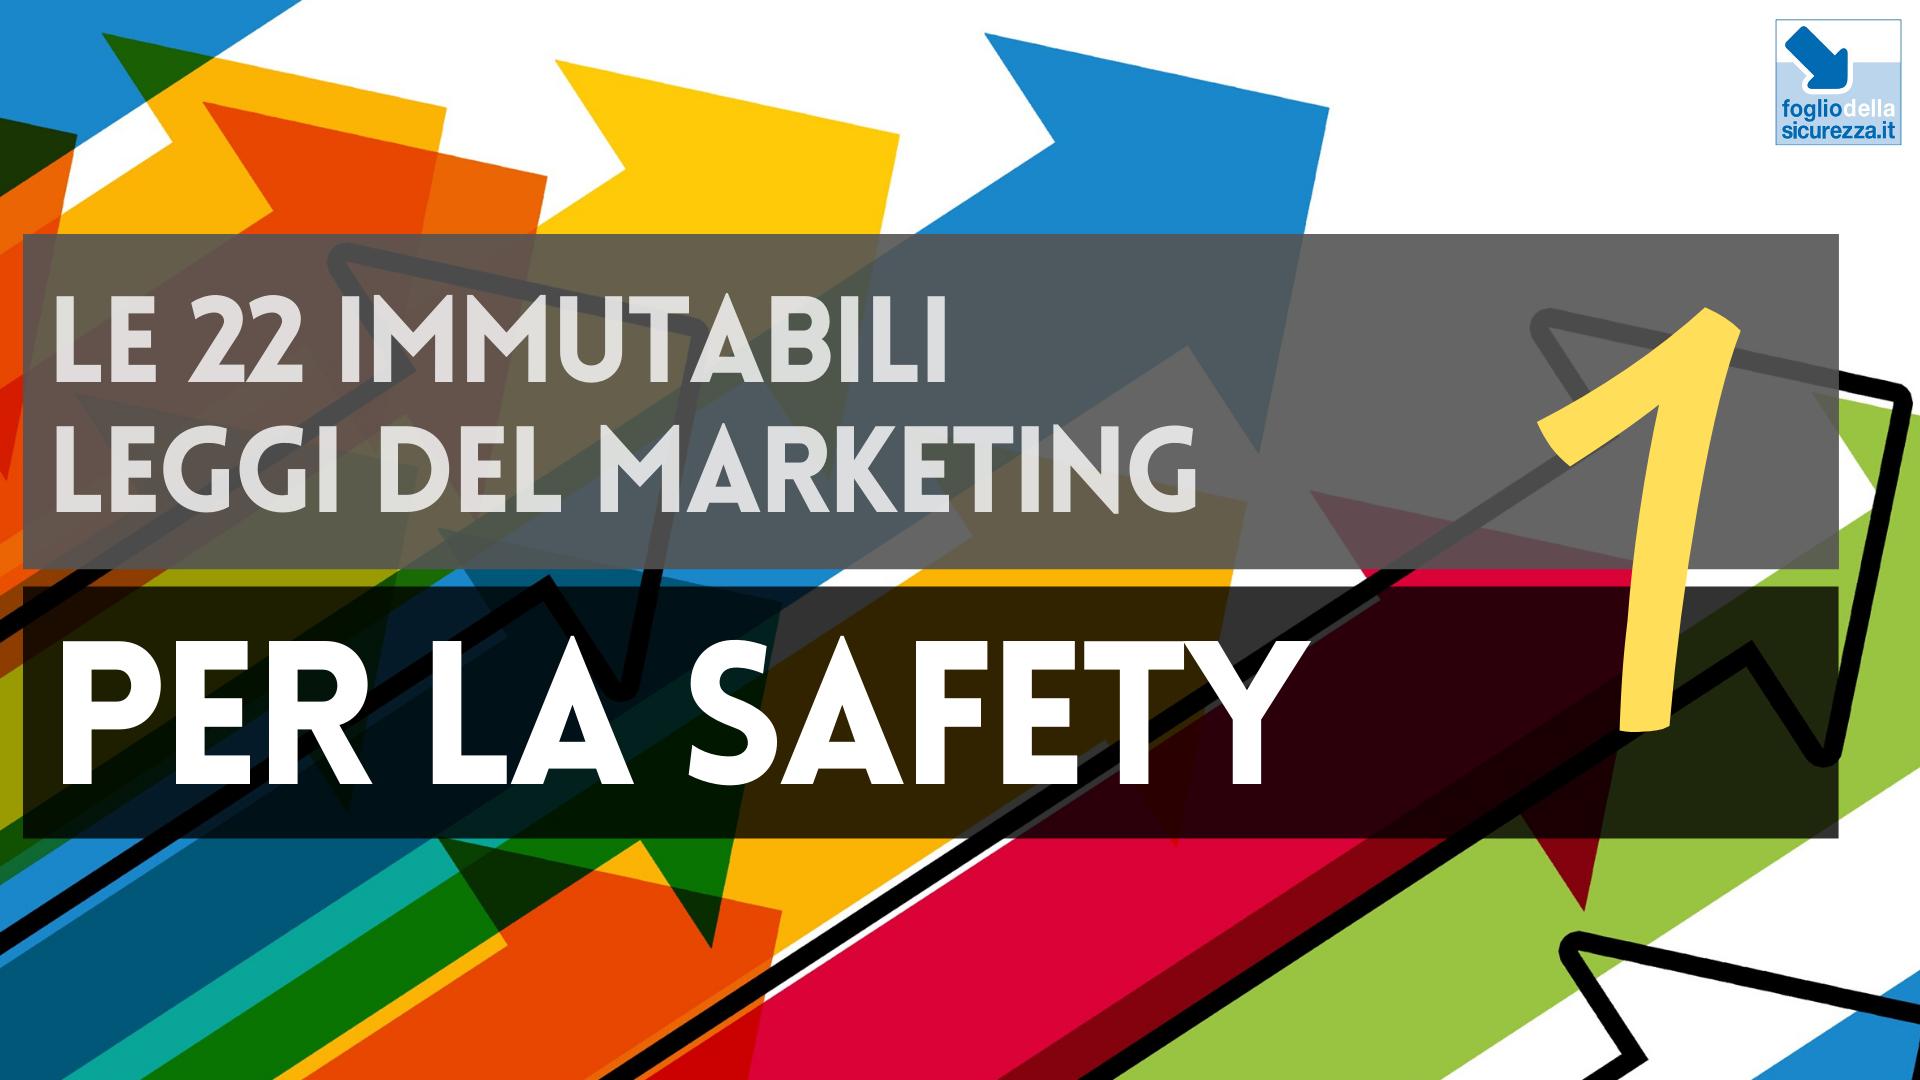 Le 22 immutabili leggi del marketing per la safety 01